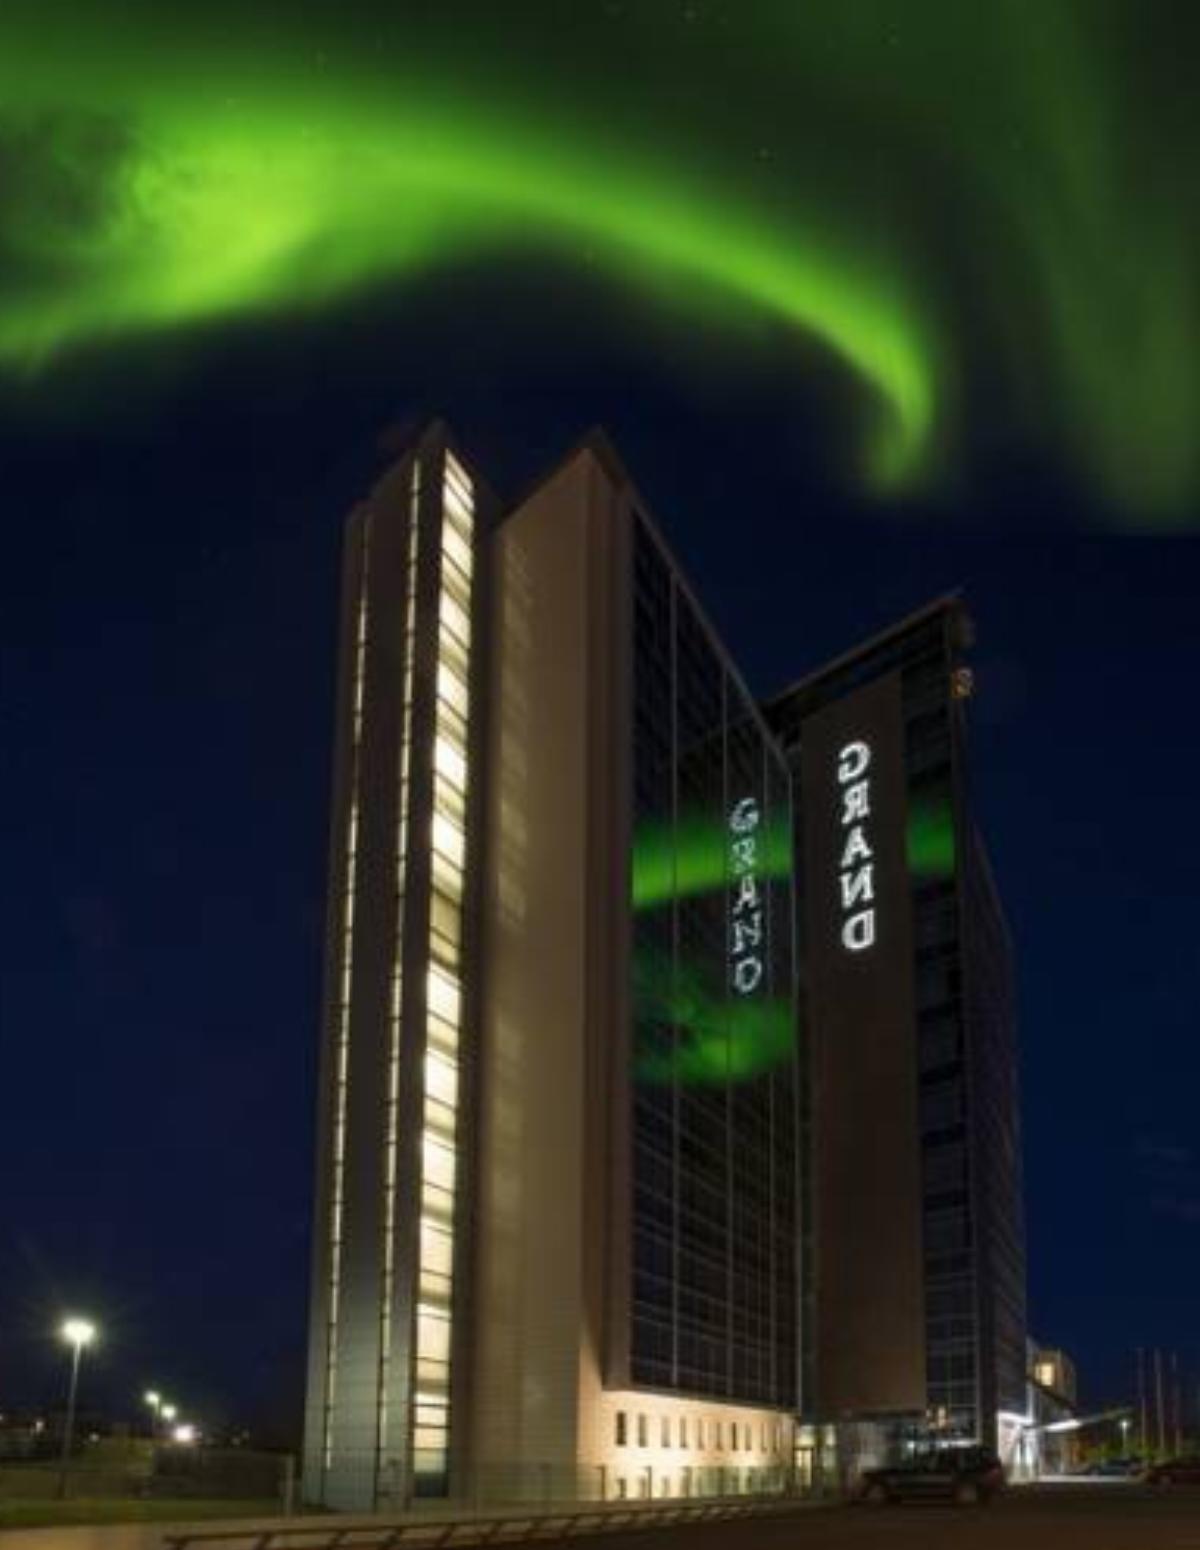 Grand Hotel Reykjavik Hotel Reykjavik Iceland Overview